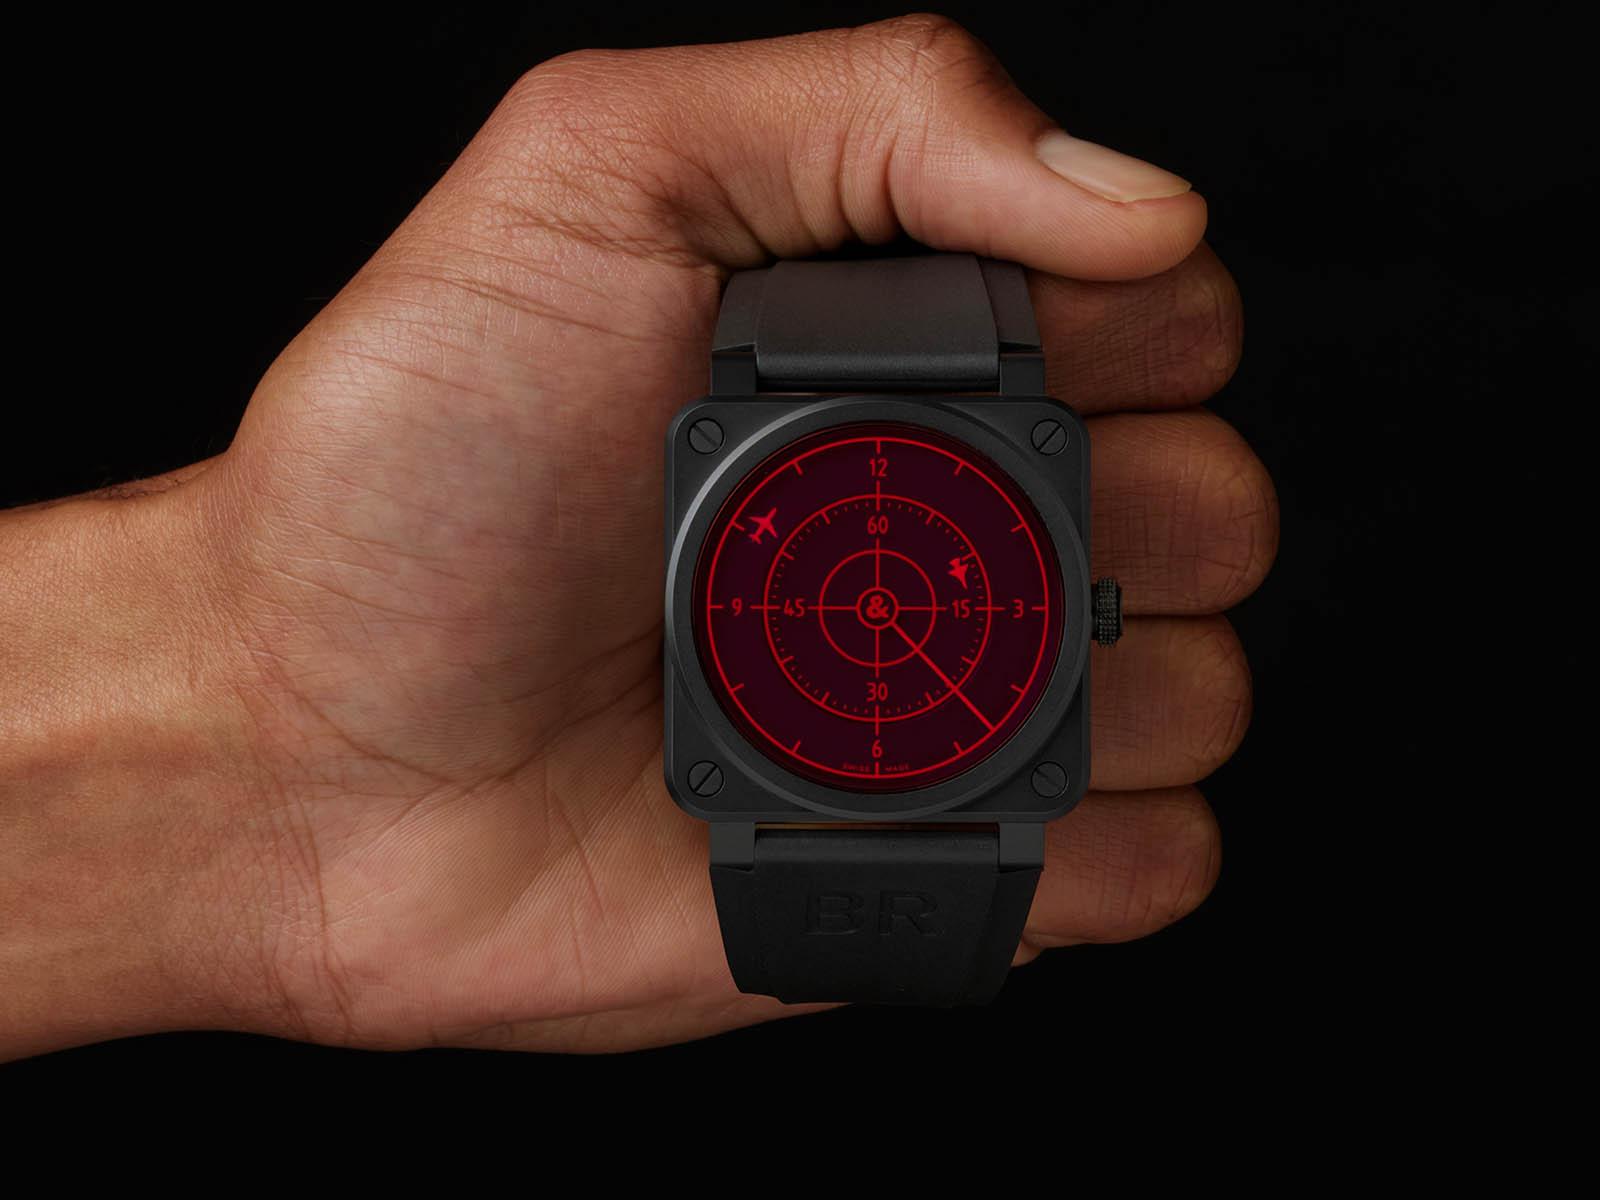 br0392-rrdr-ce-srb-bell-ross-br-03-42-red-radar-ceramic-8.jpg